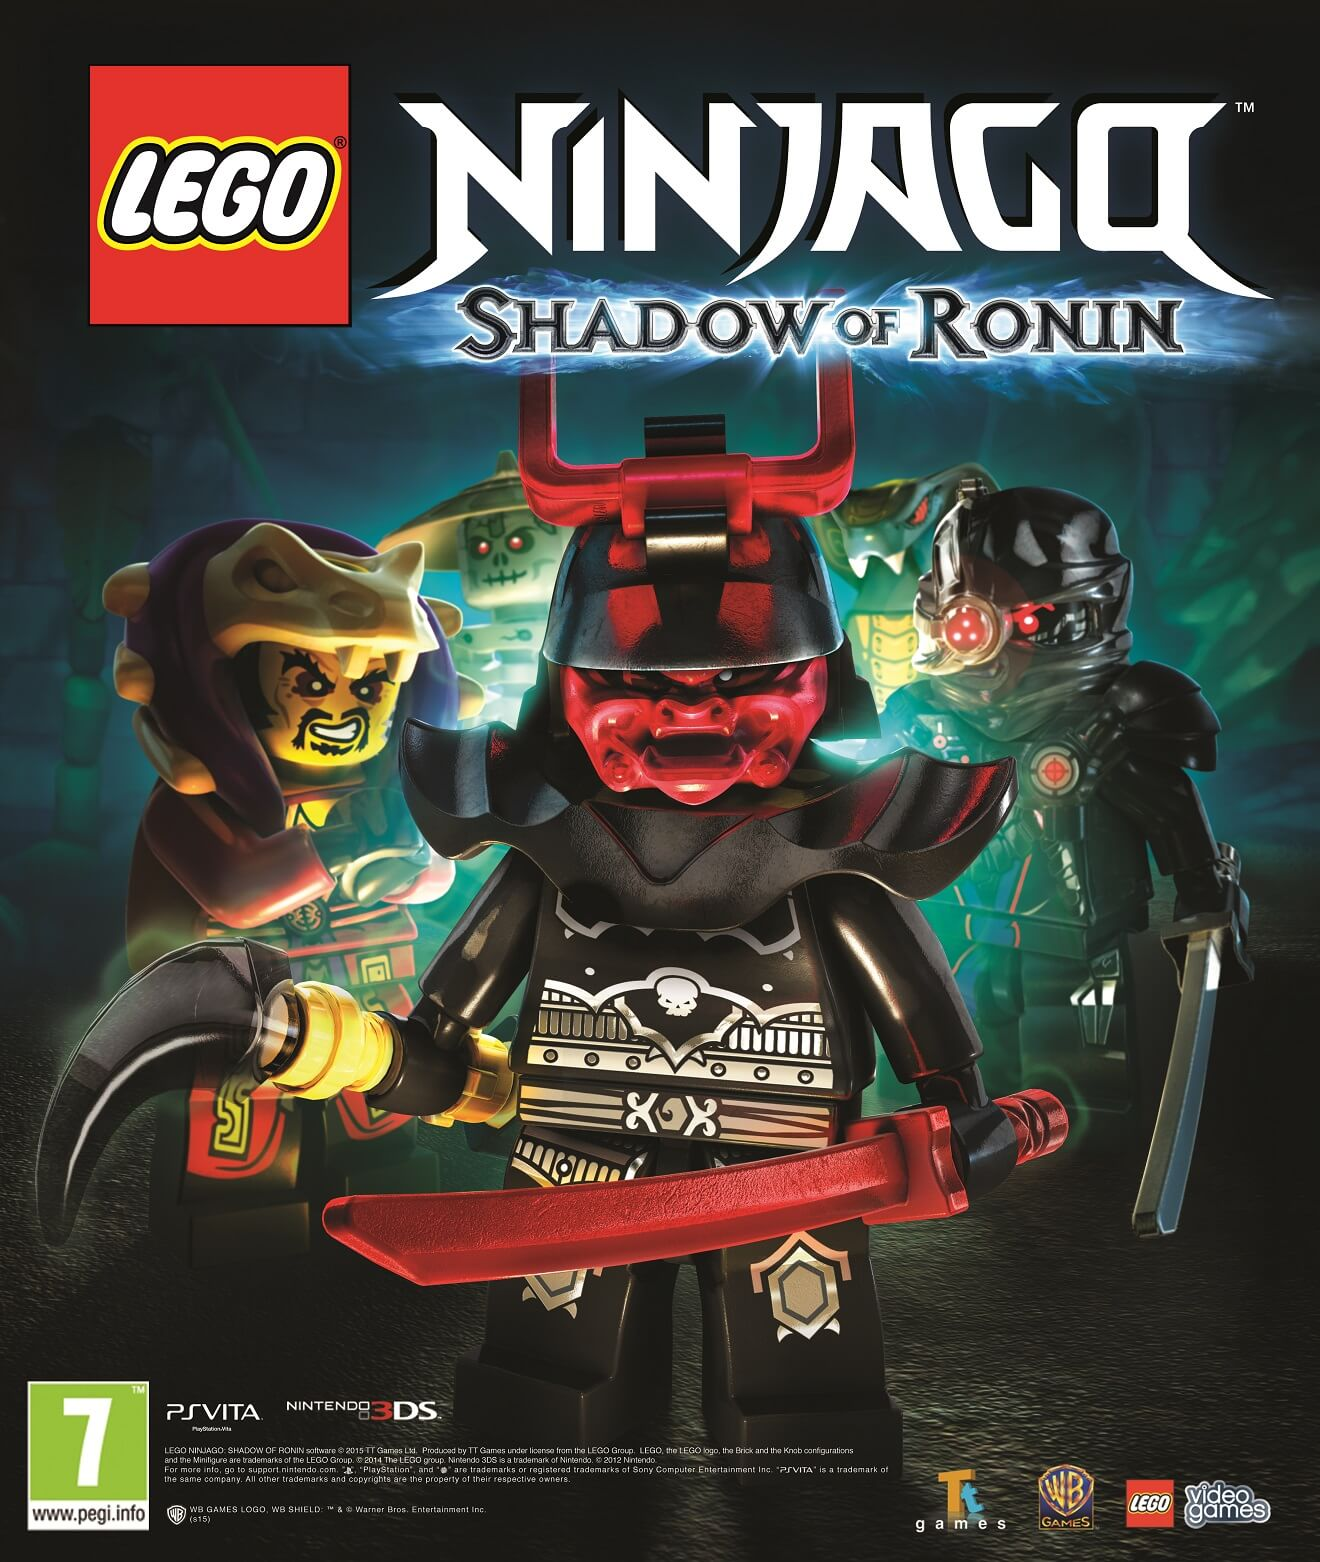 LEGO Ninjago: SoR Reveals Villains